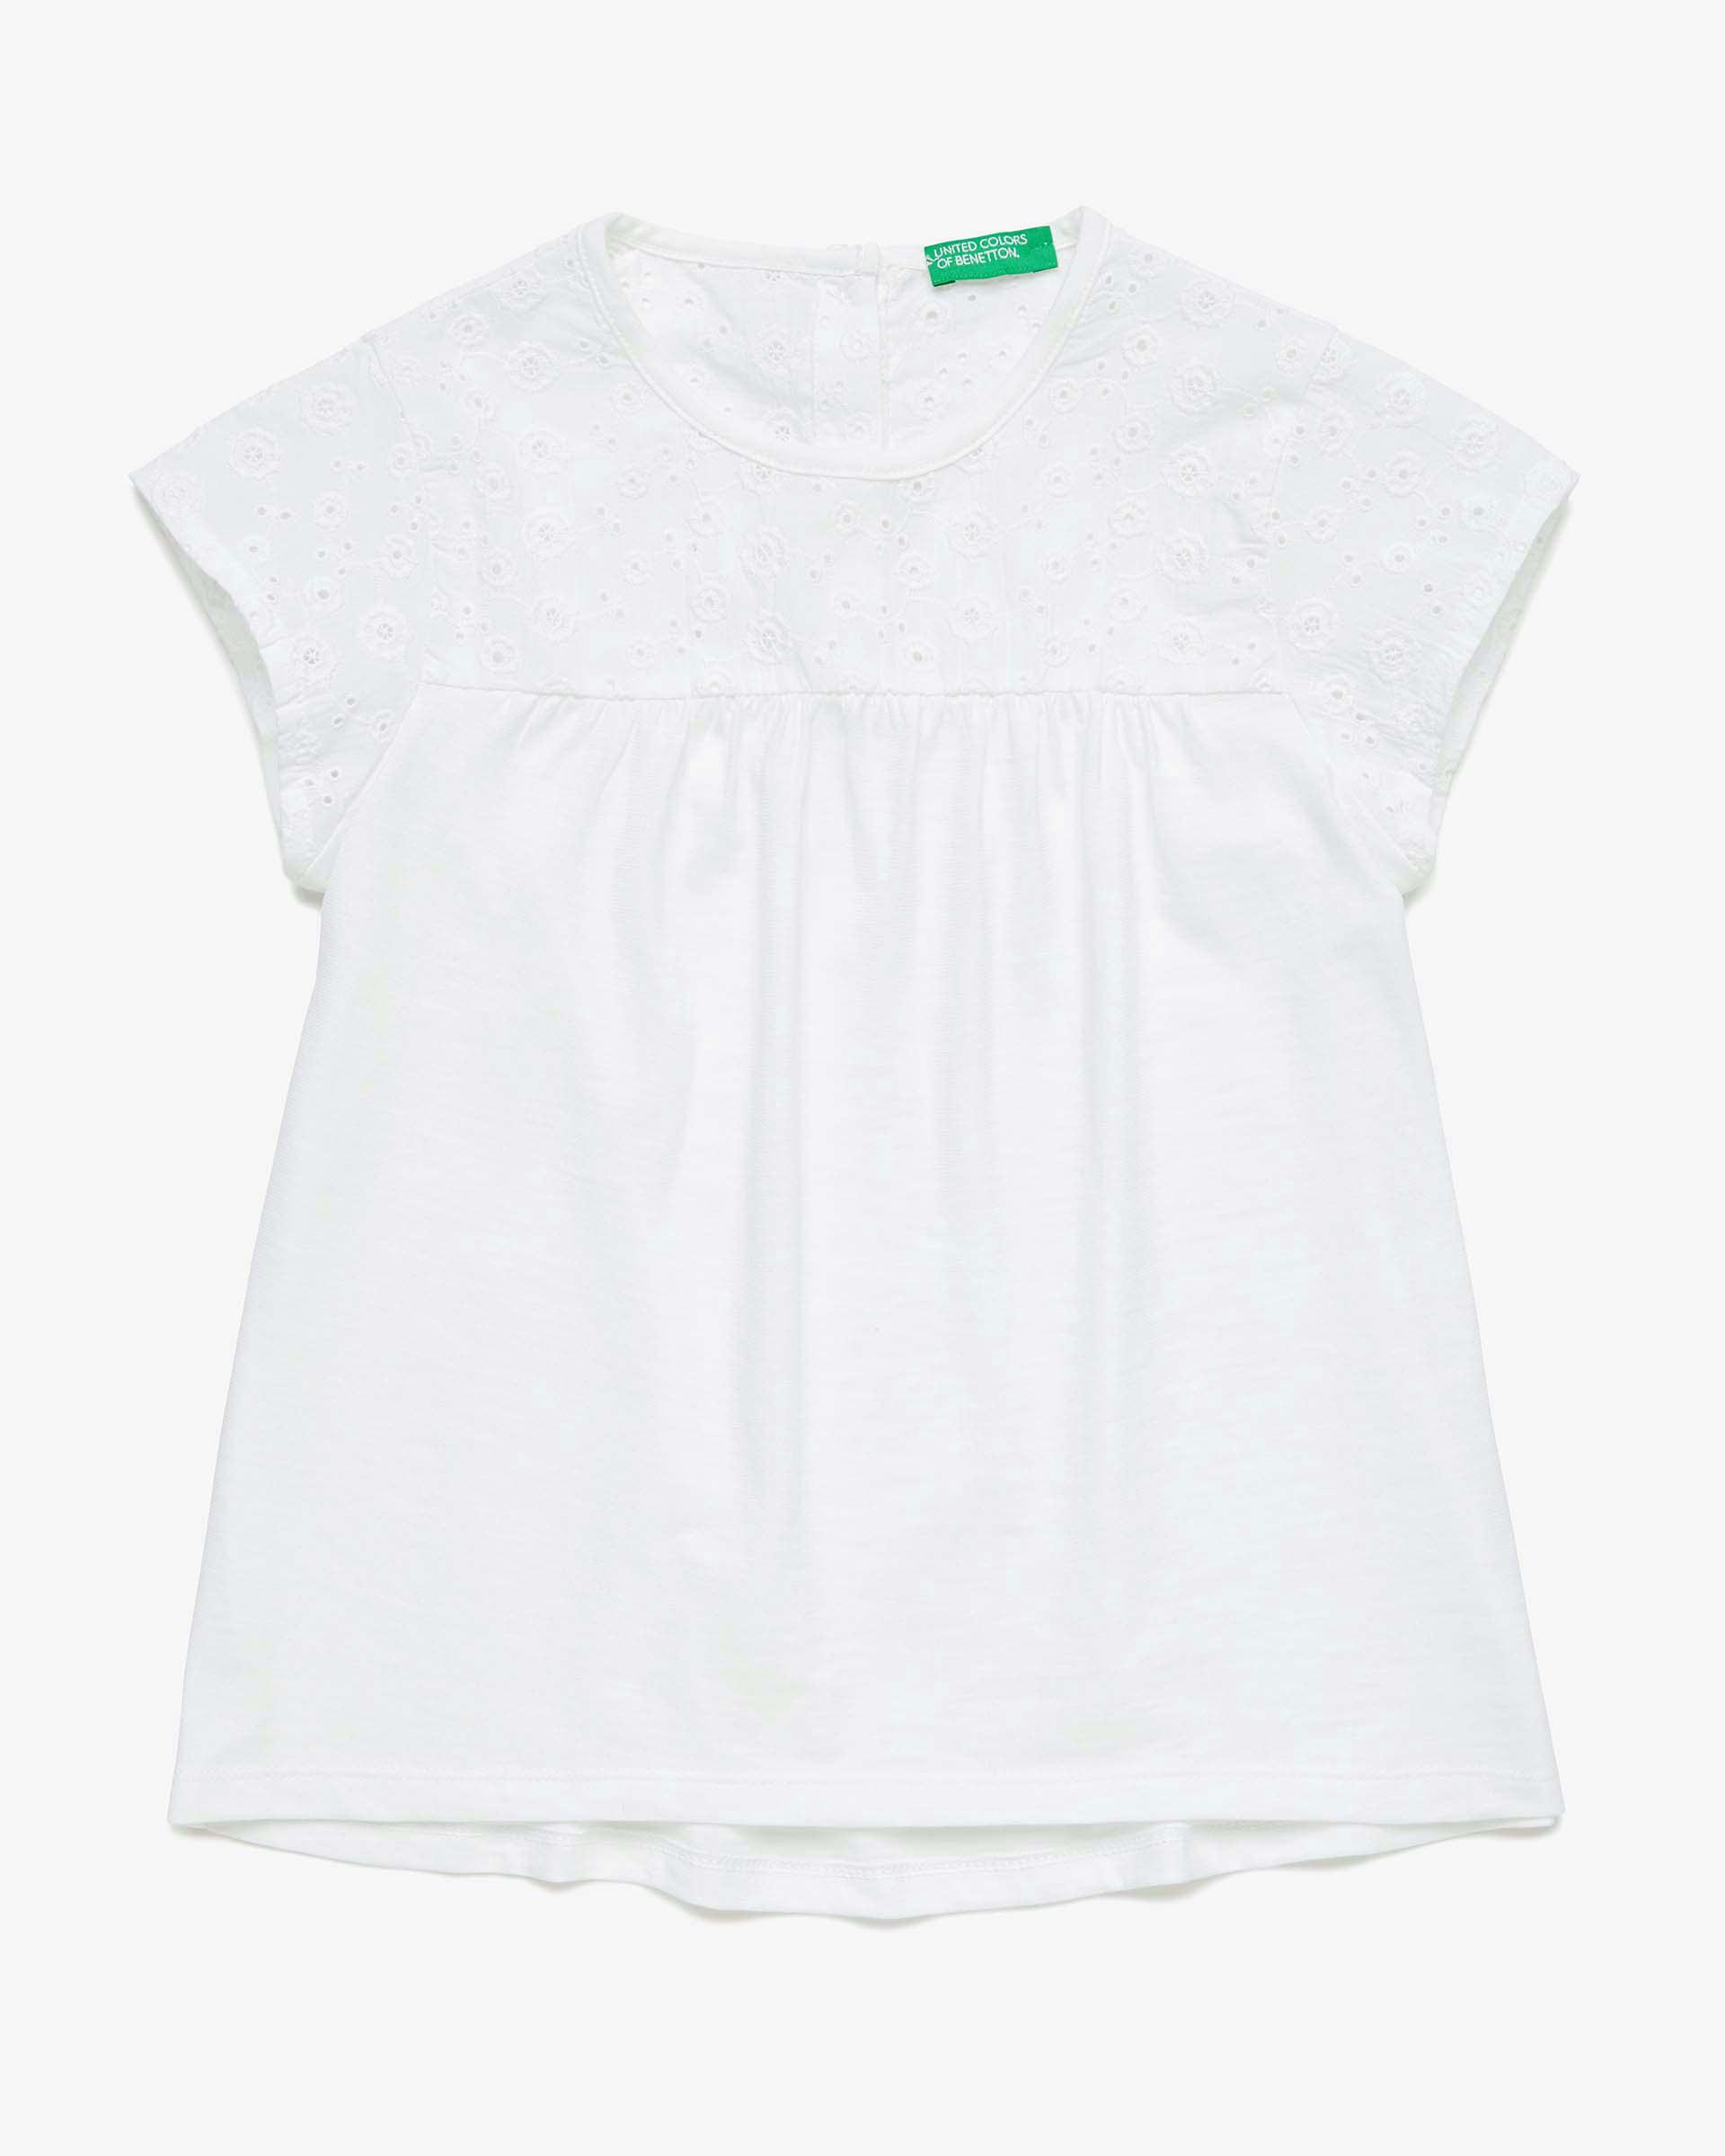 Купить 20P_3BVXC14LT_101, Футболка для девочек Benetton 3BVXC14LT_101 р-р 170, United Colors of Benetton, Футболки для девочек